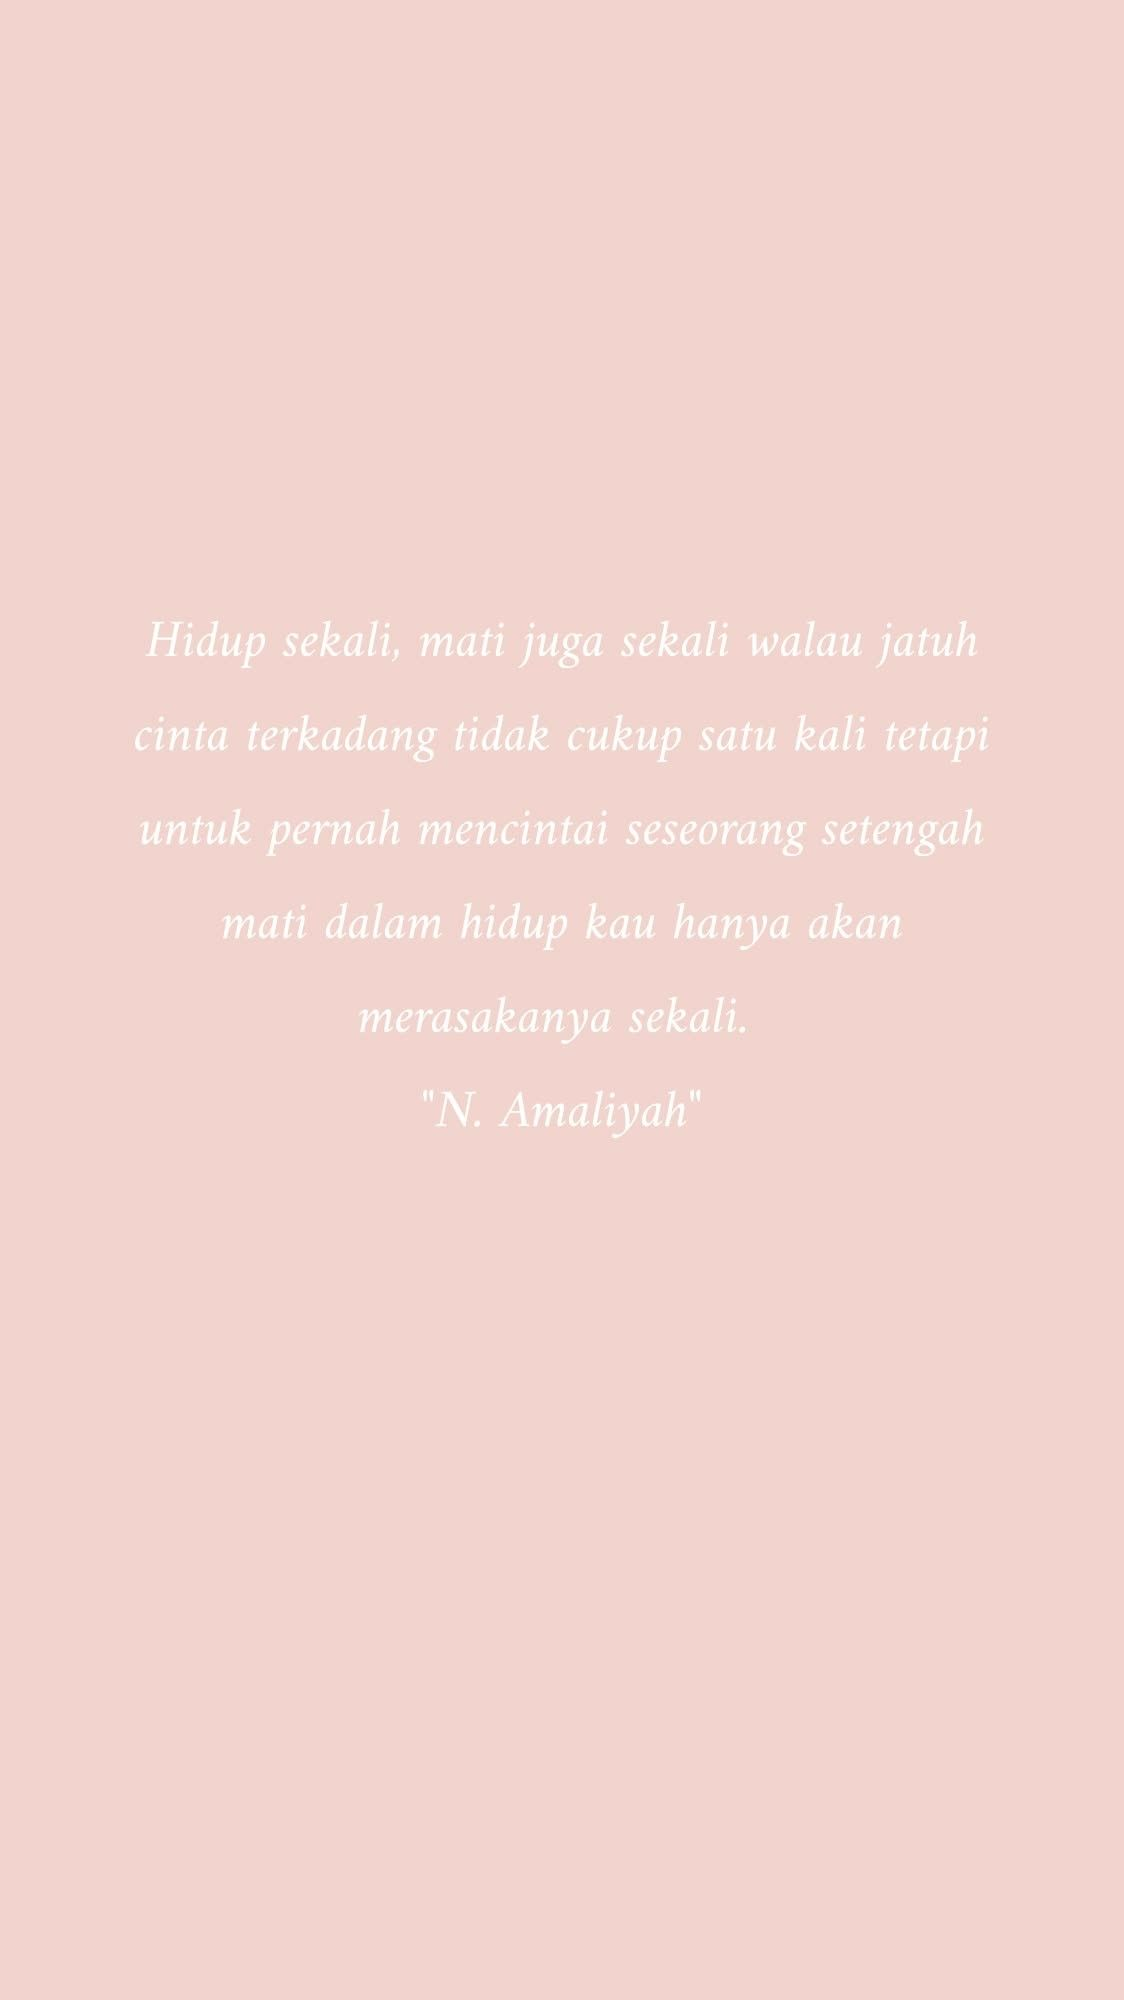 sekali quotes galau best quotes quotes